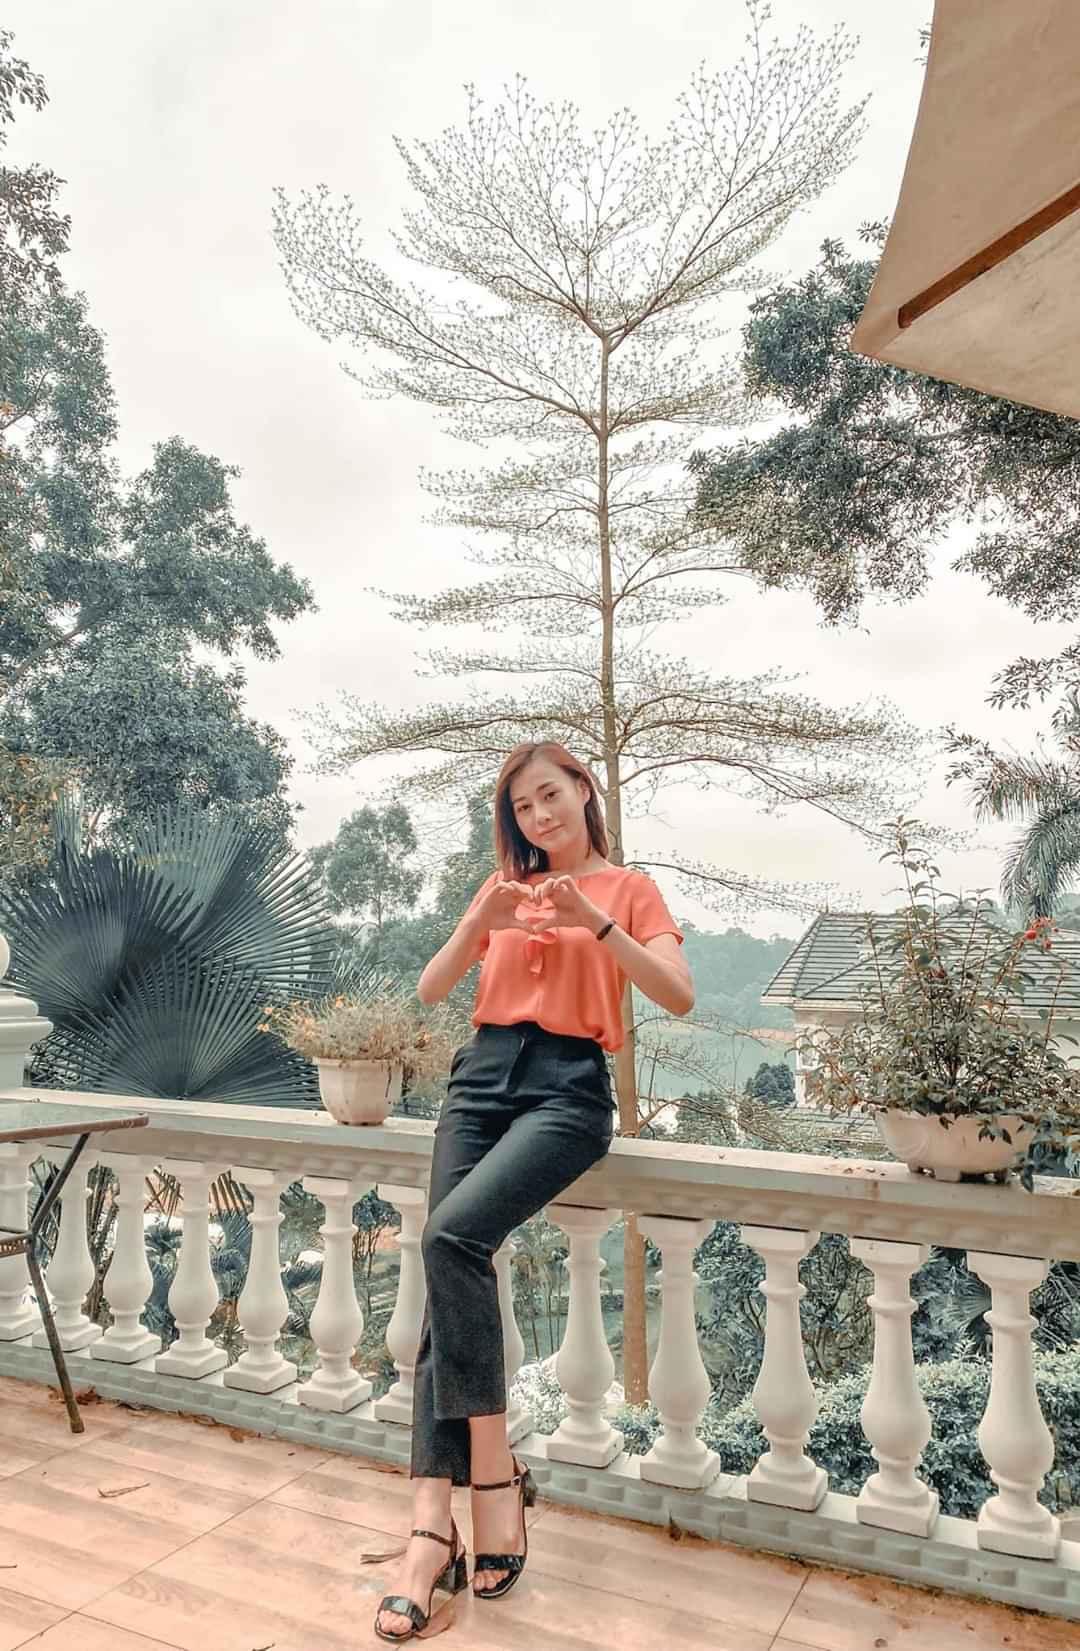 Phạm Hương diện bikini nằm phơi nắng khoe dáng chuẩn